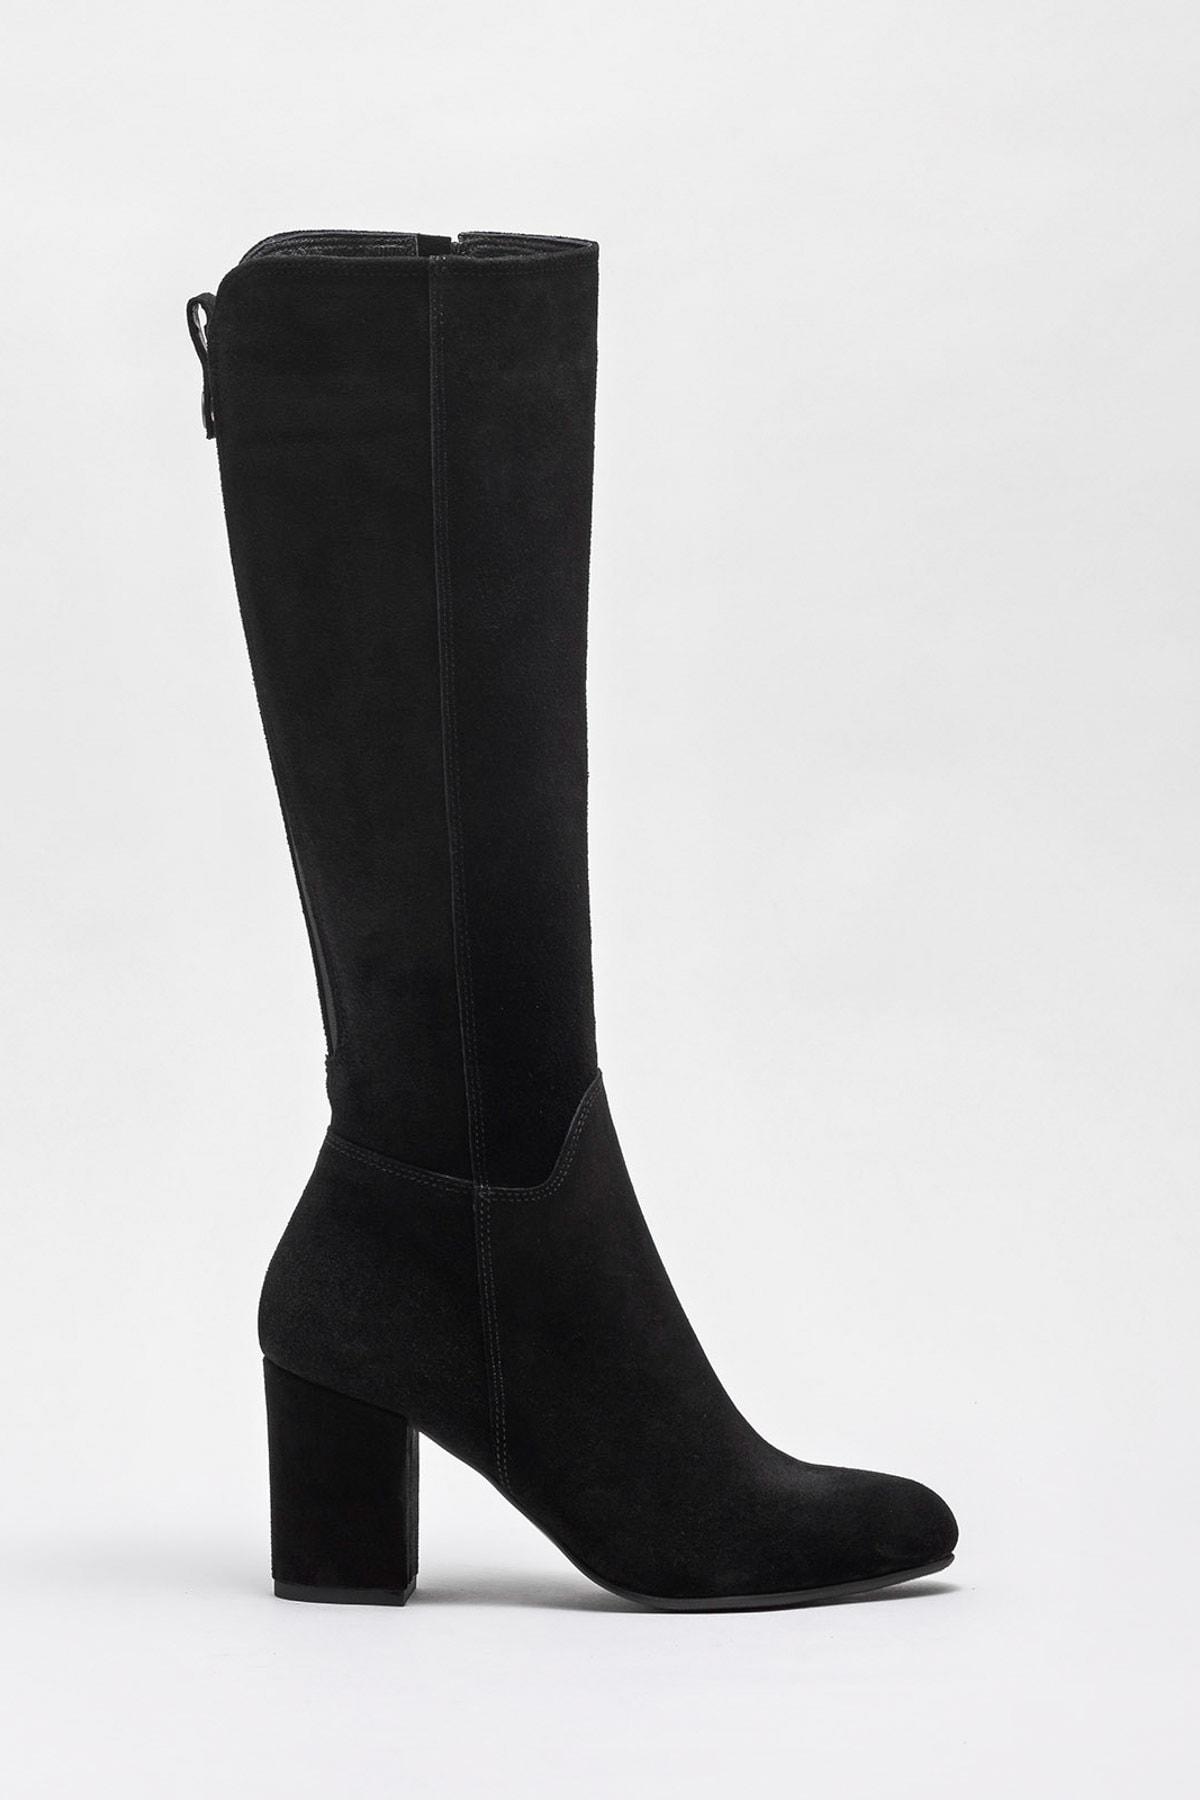 Elle Shoes Kadın Çizme Ronalde-1 20K128 1